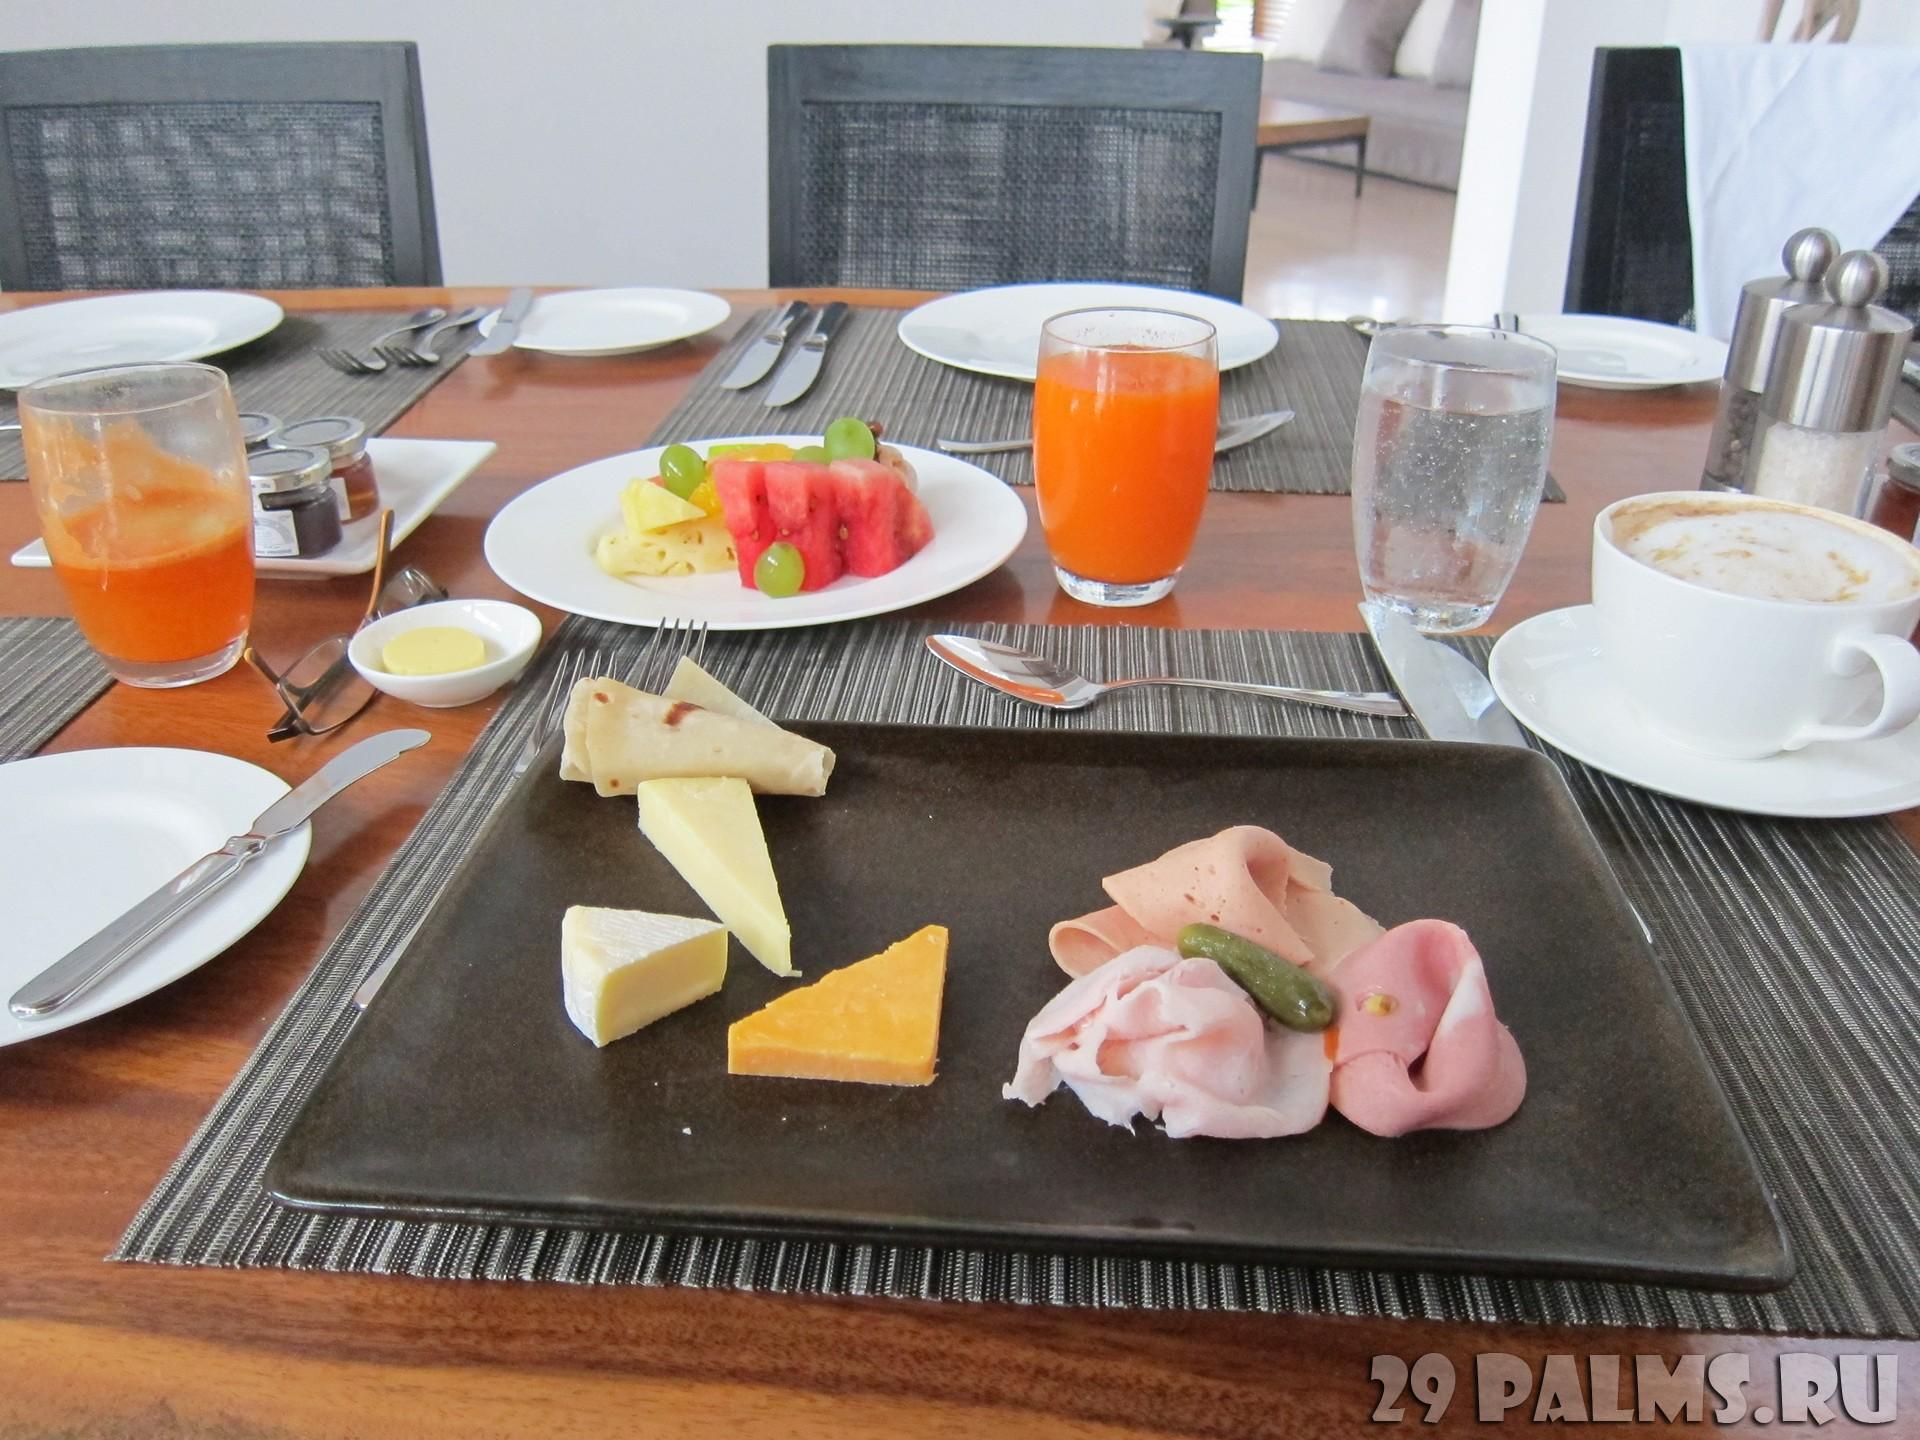 Dining room park hyatt sydney